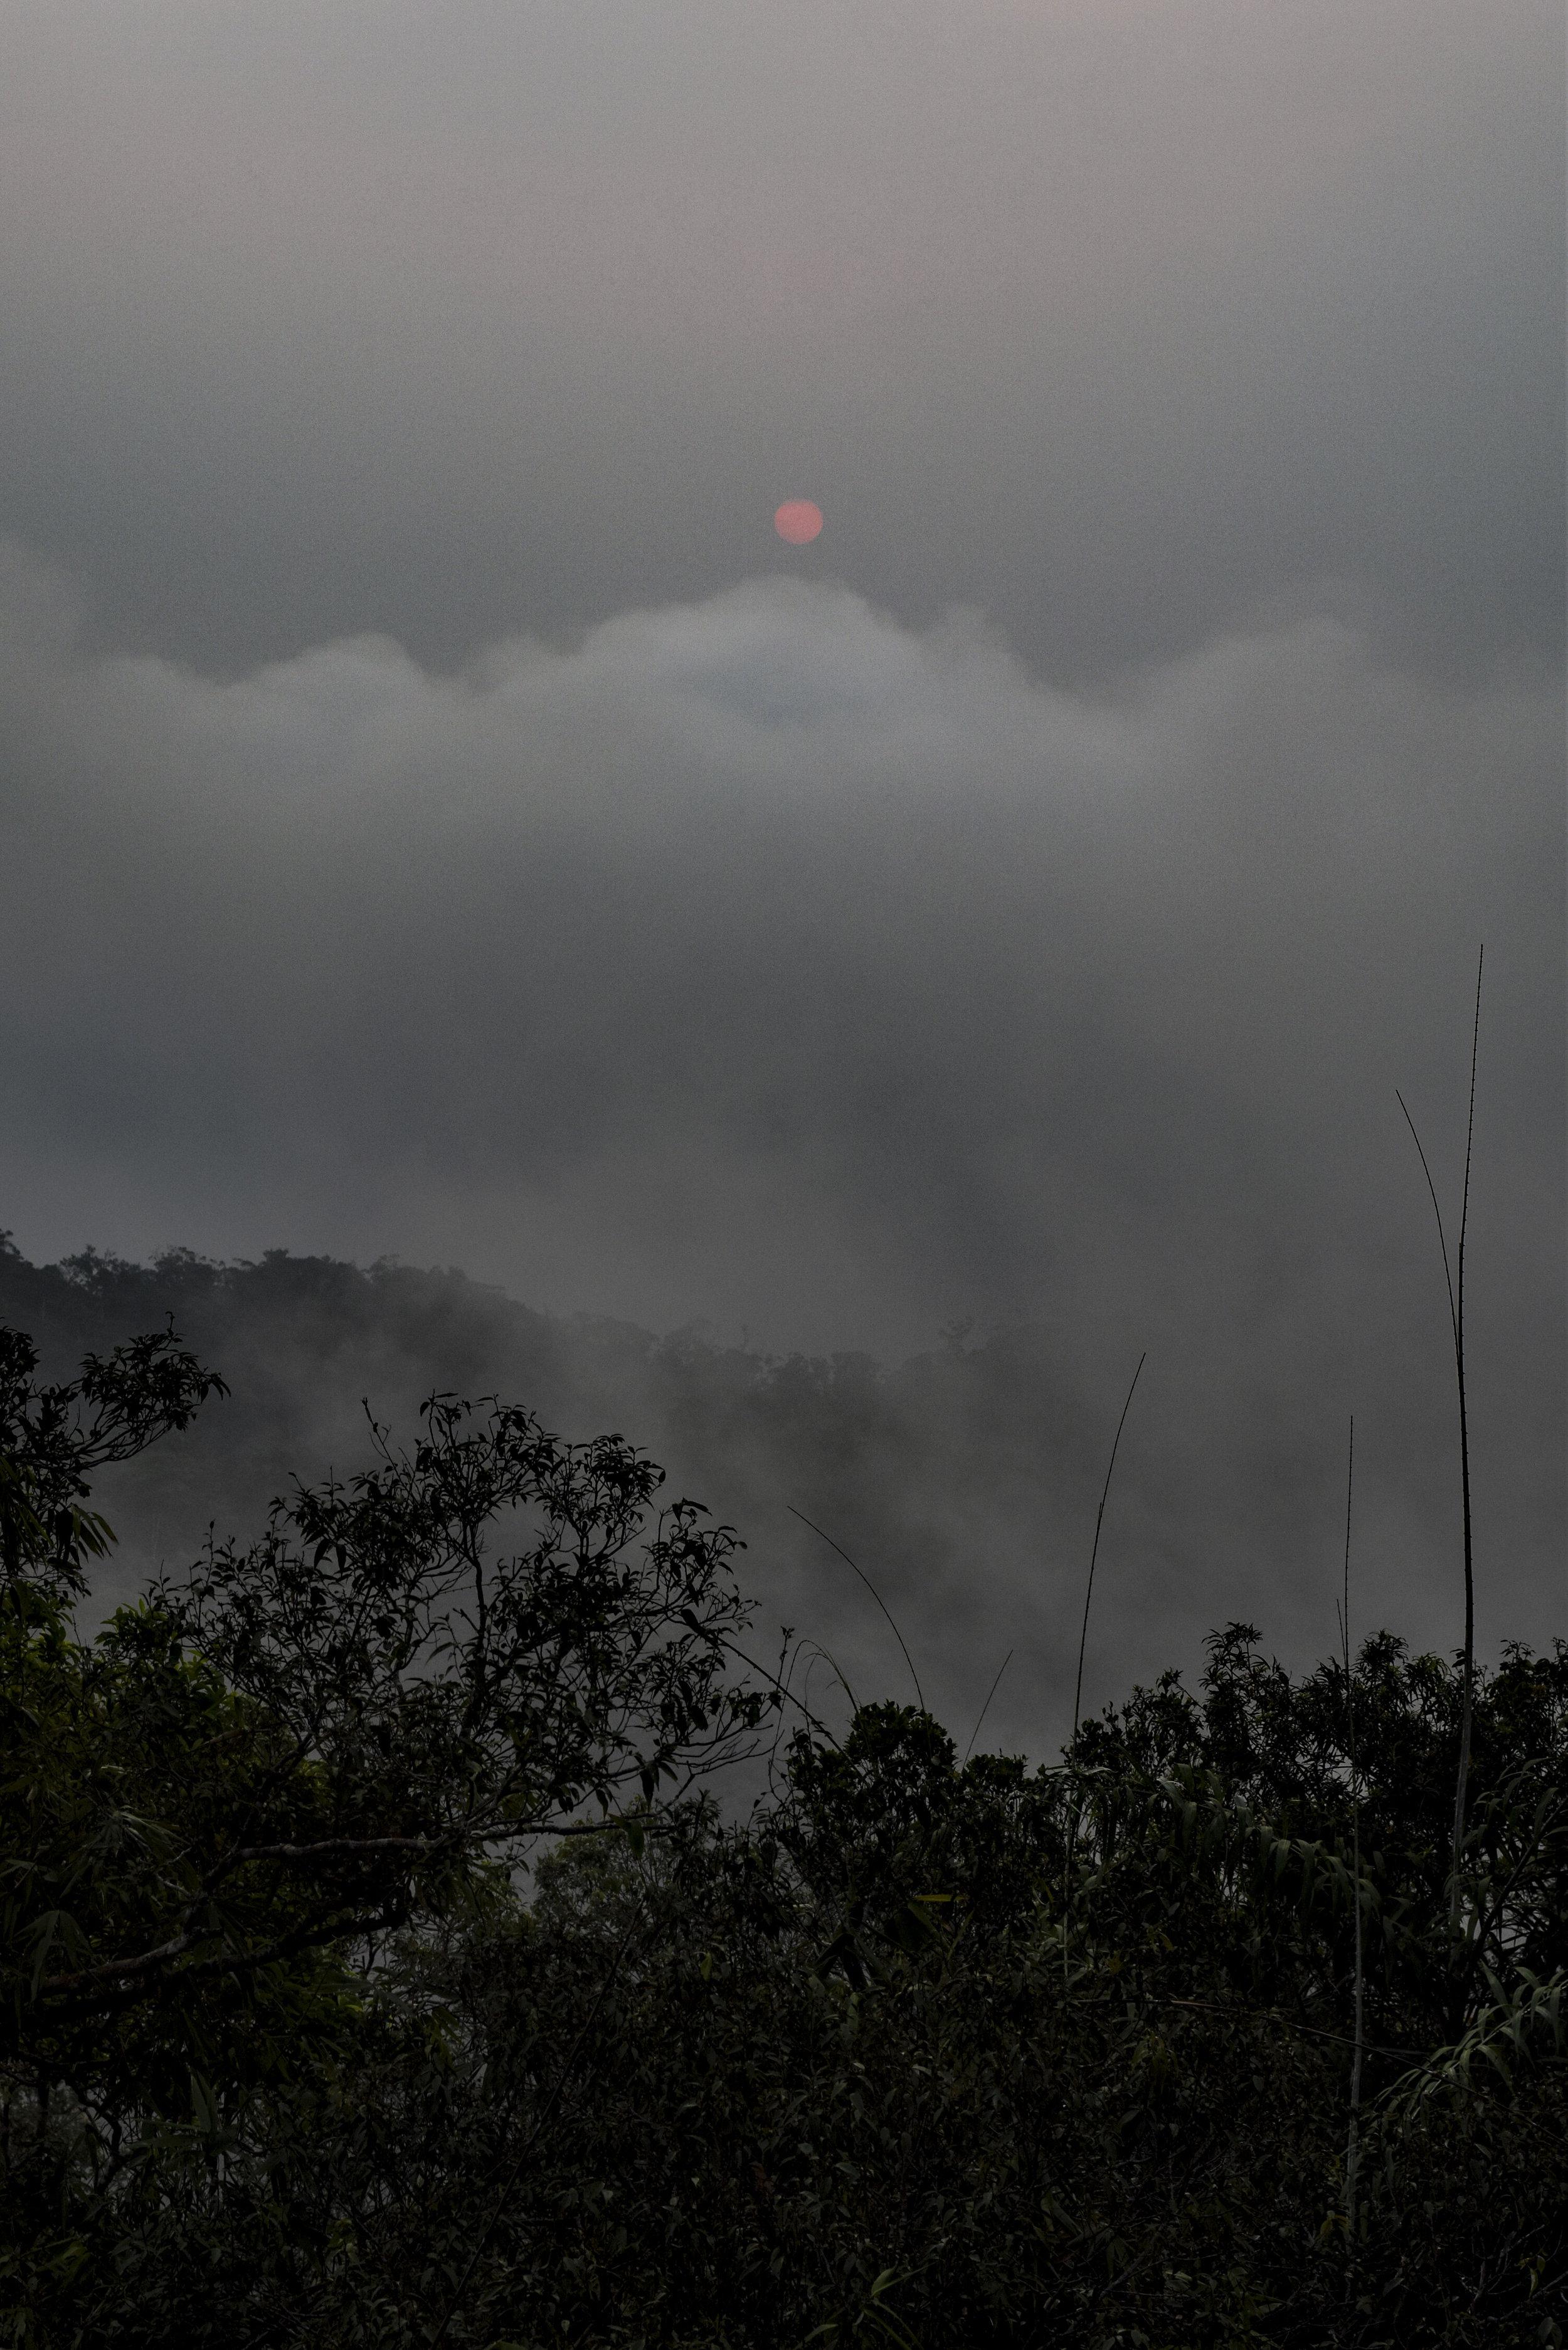 (キッチャクート山の山頂からの朝日)